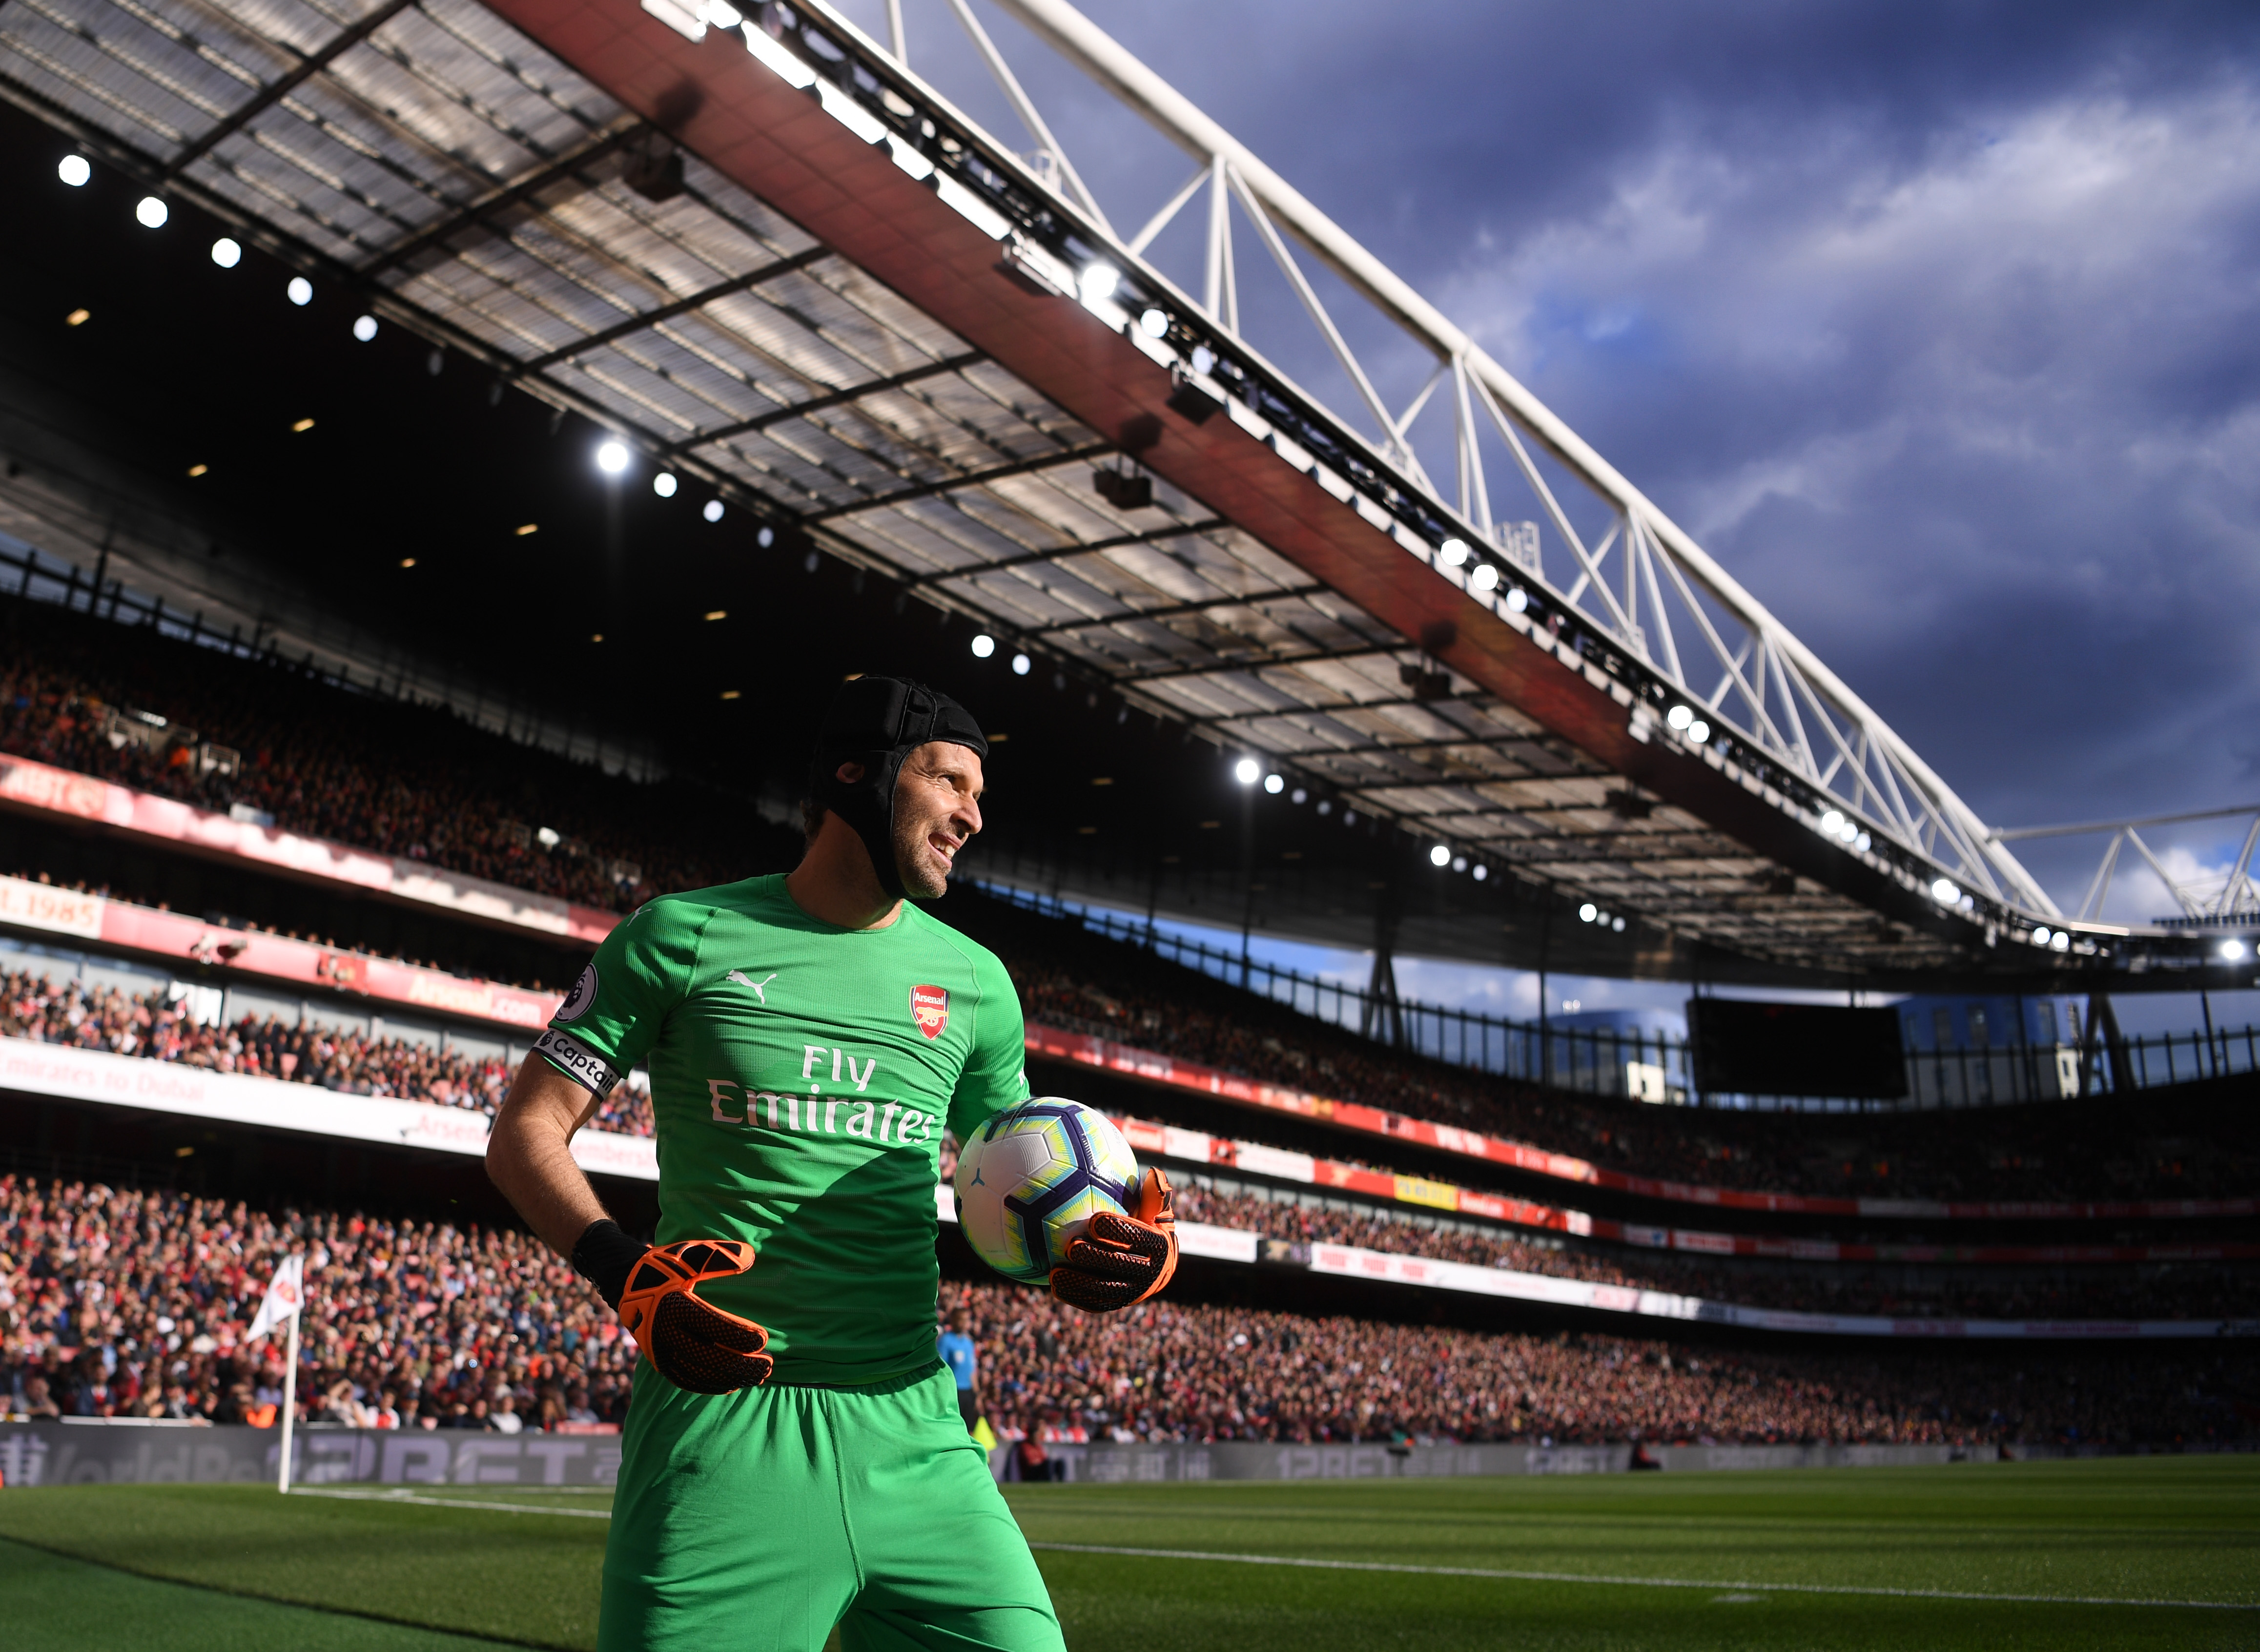 Petr Cech Arsenal Everton Premier League 09/23/18